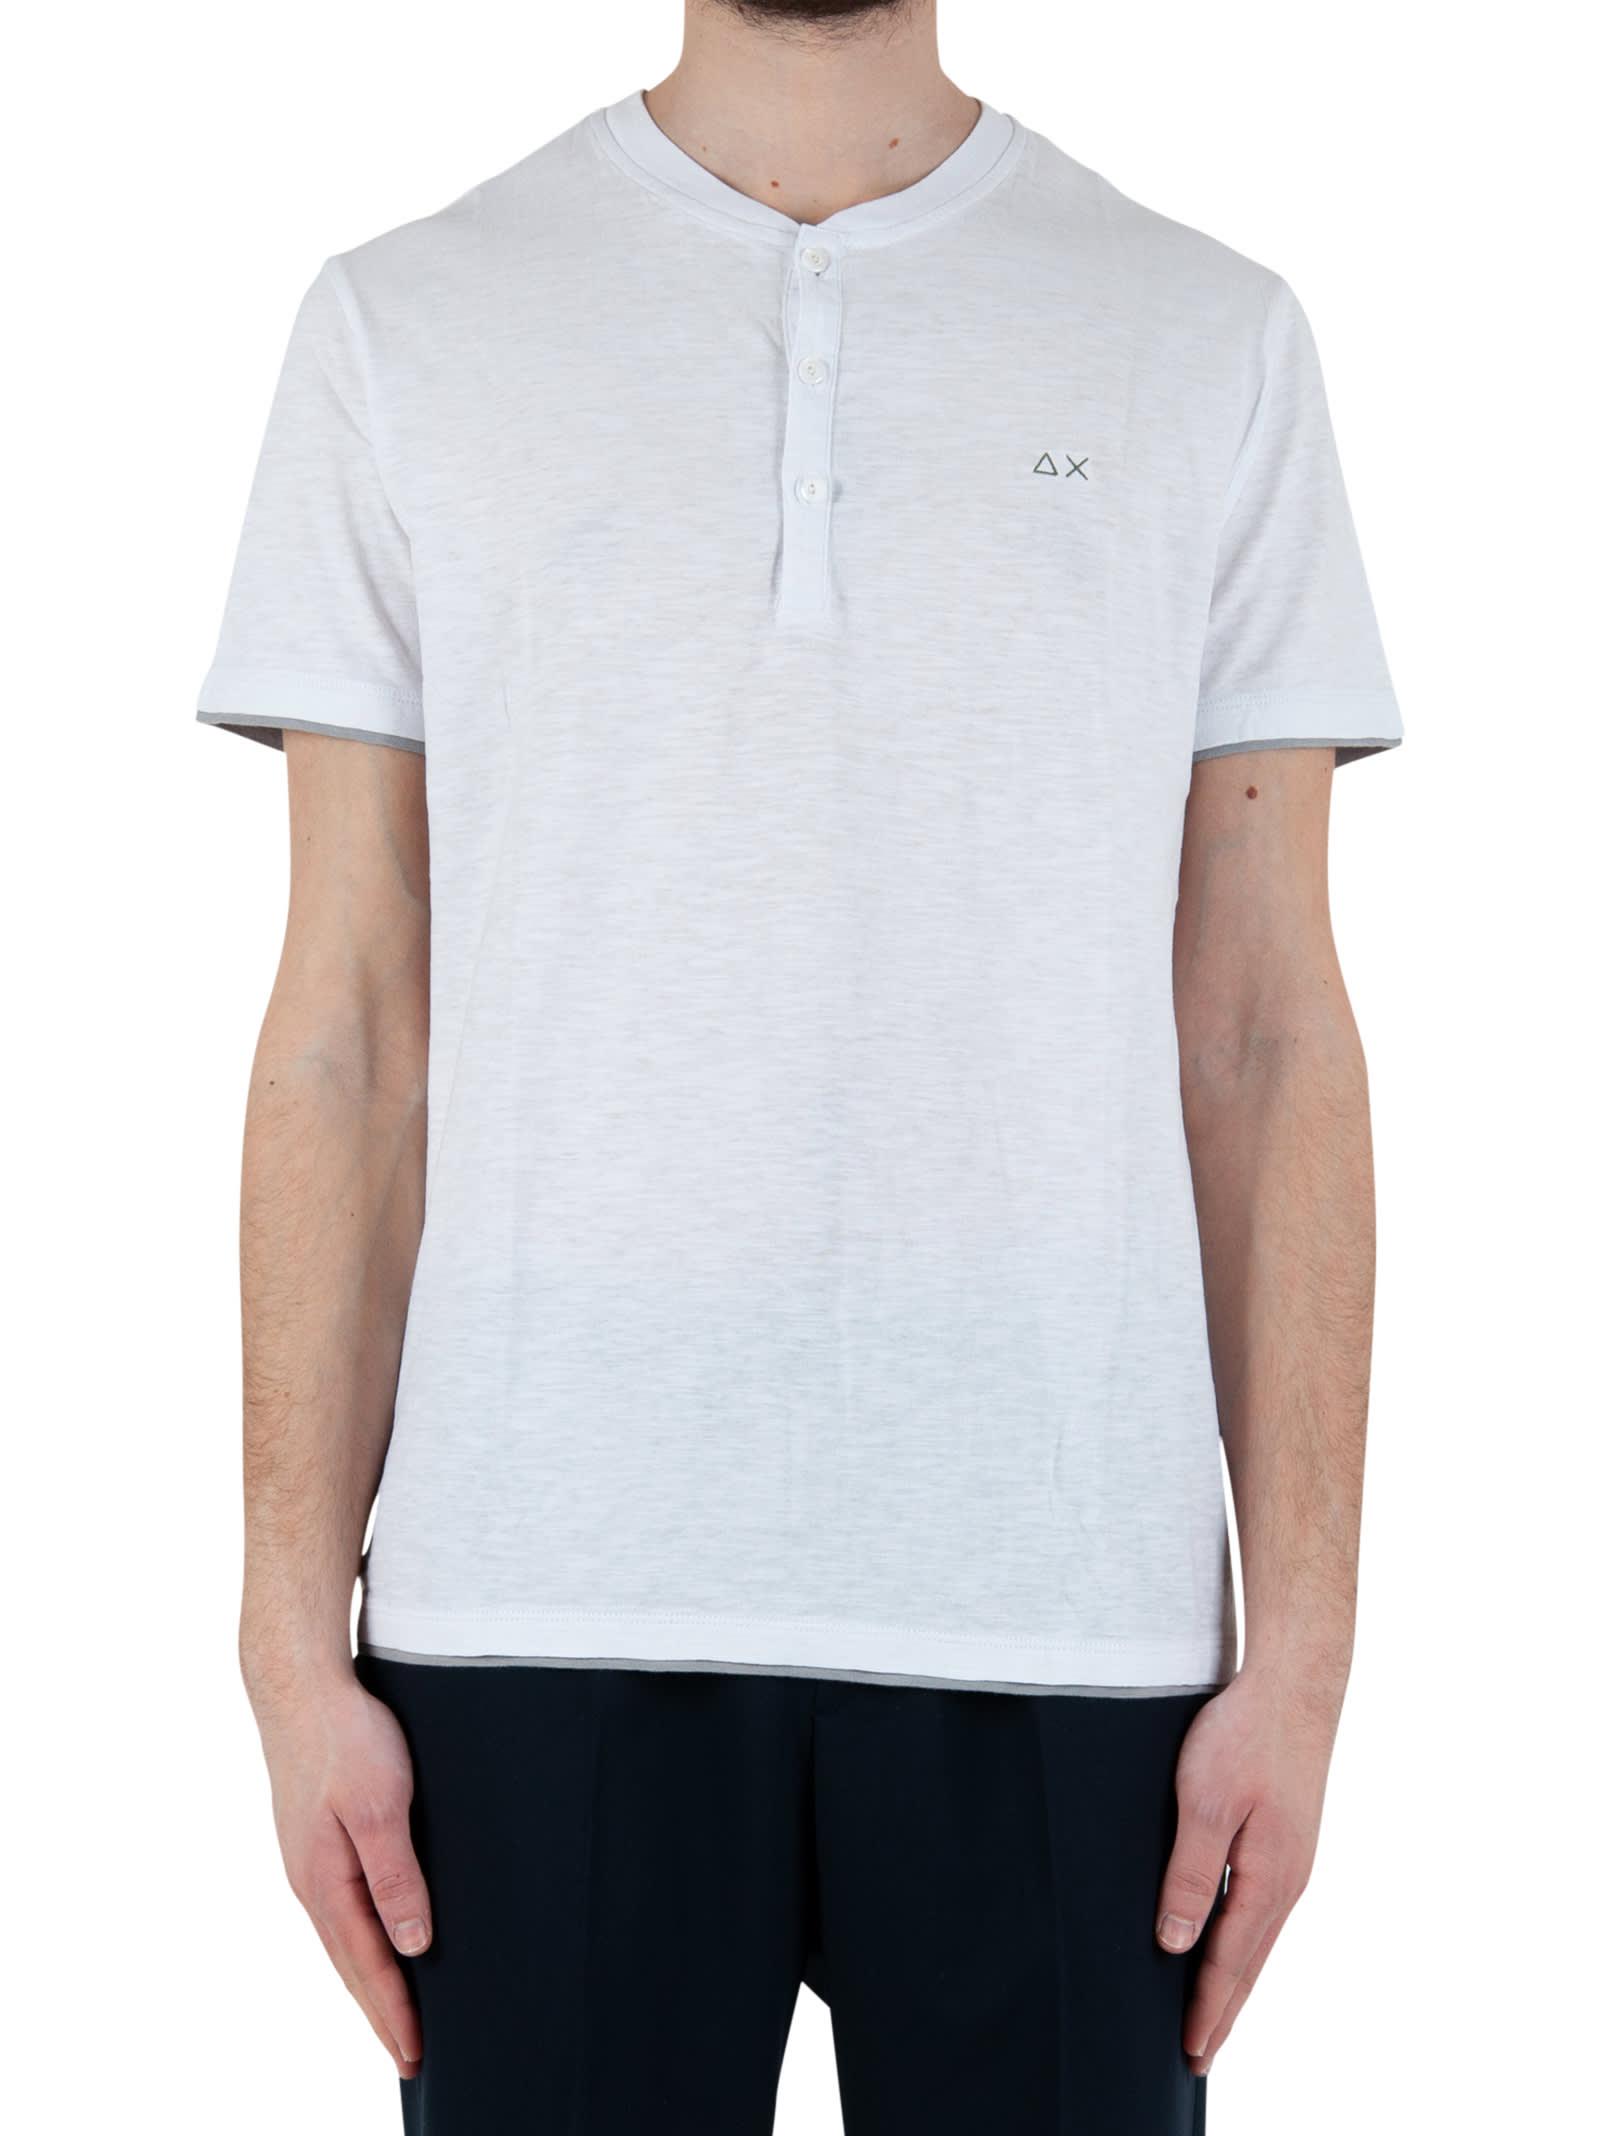 T-shirt Serafino - White